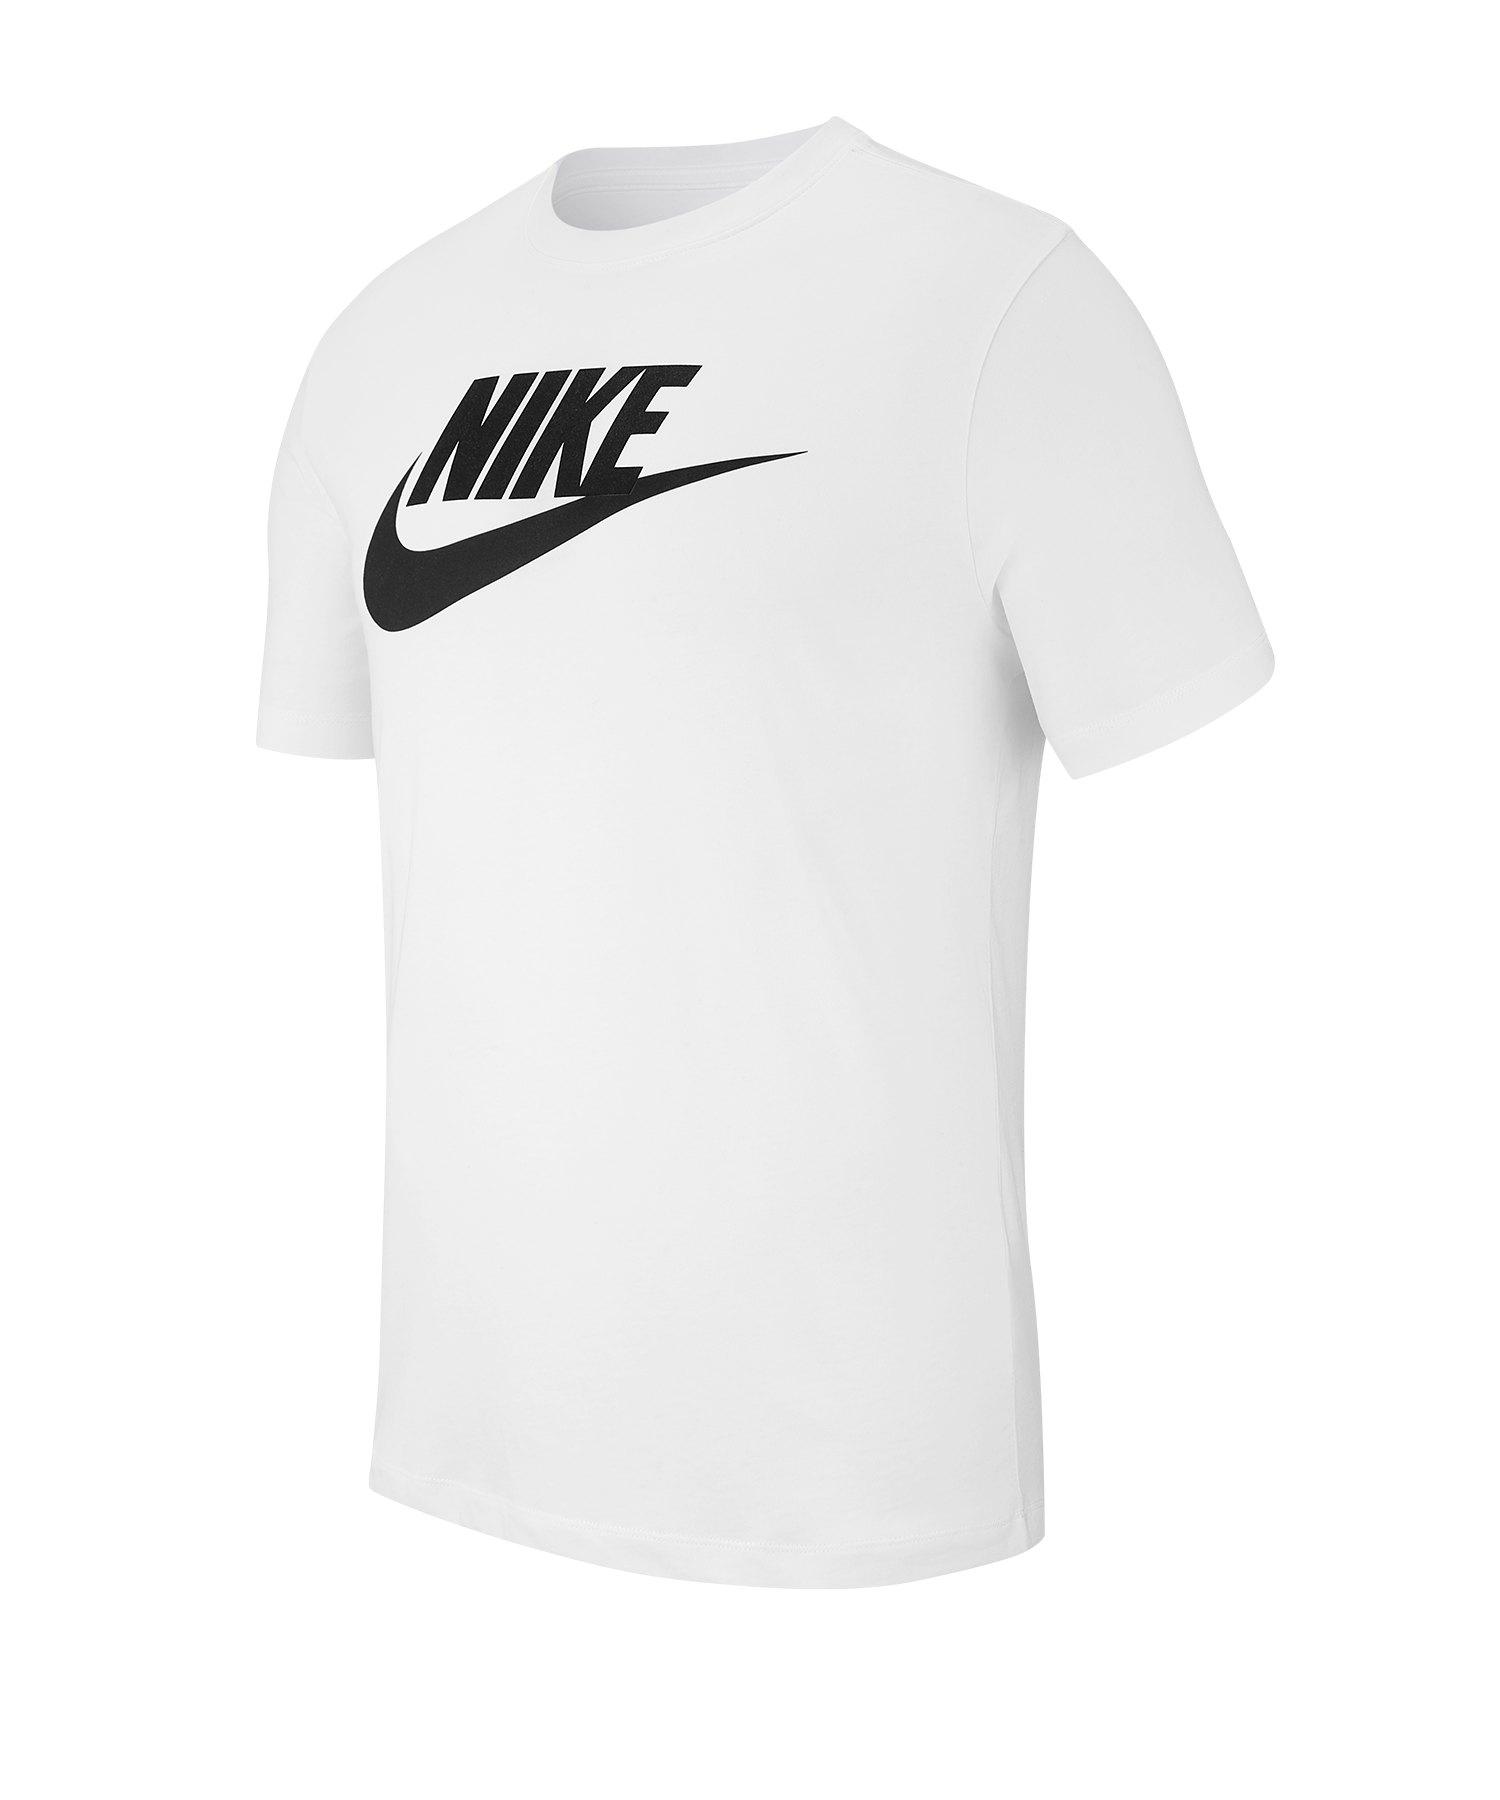 Nike Tee T-Shirt Weiss Schwarz F101 weiss